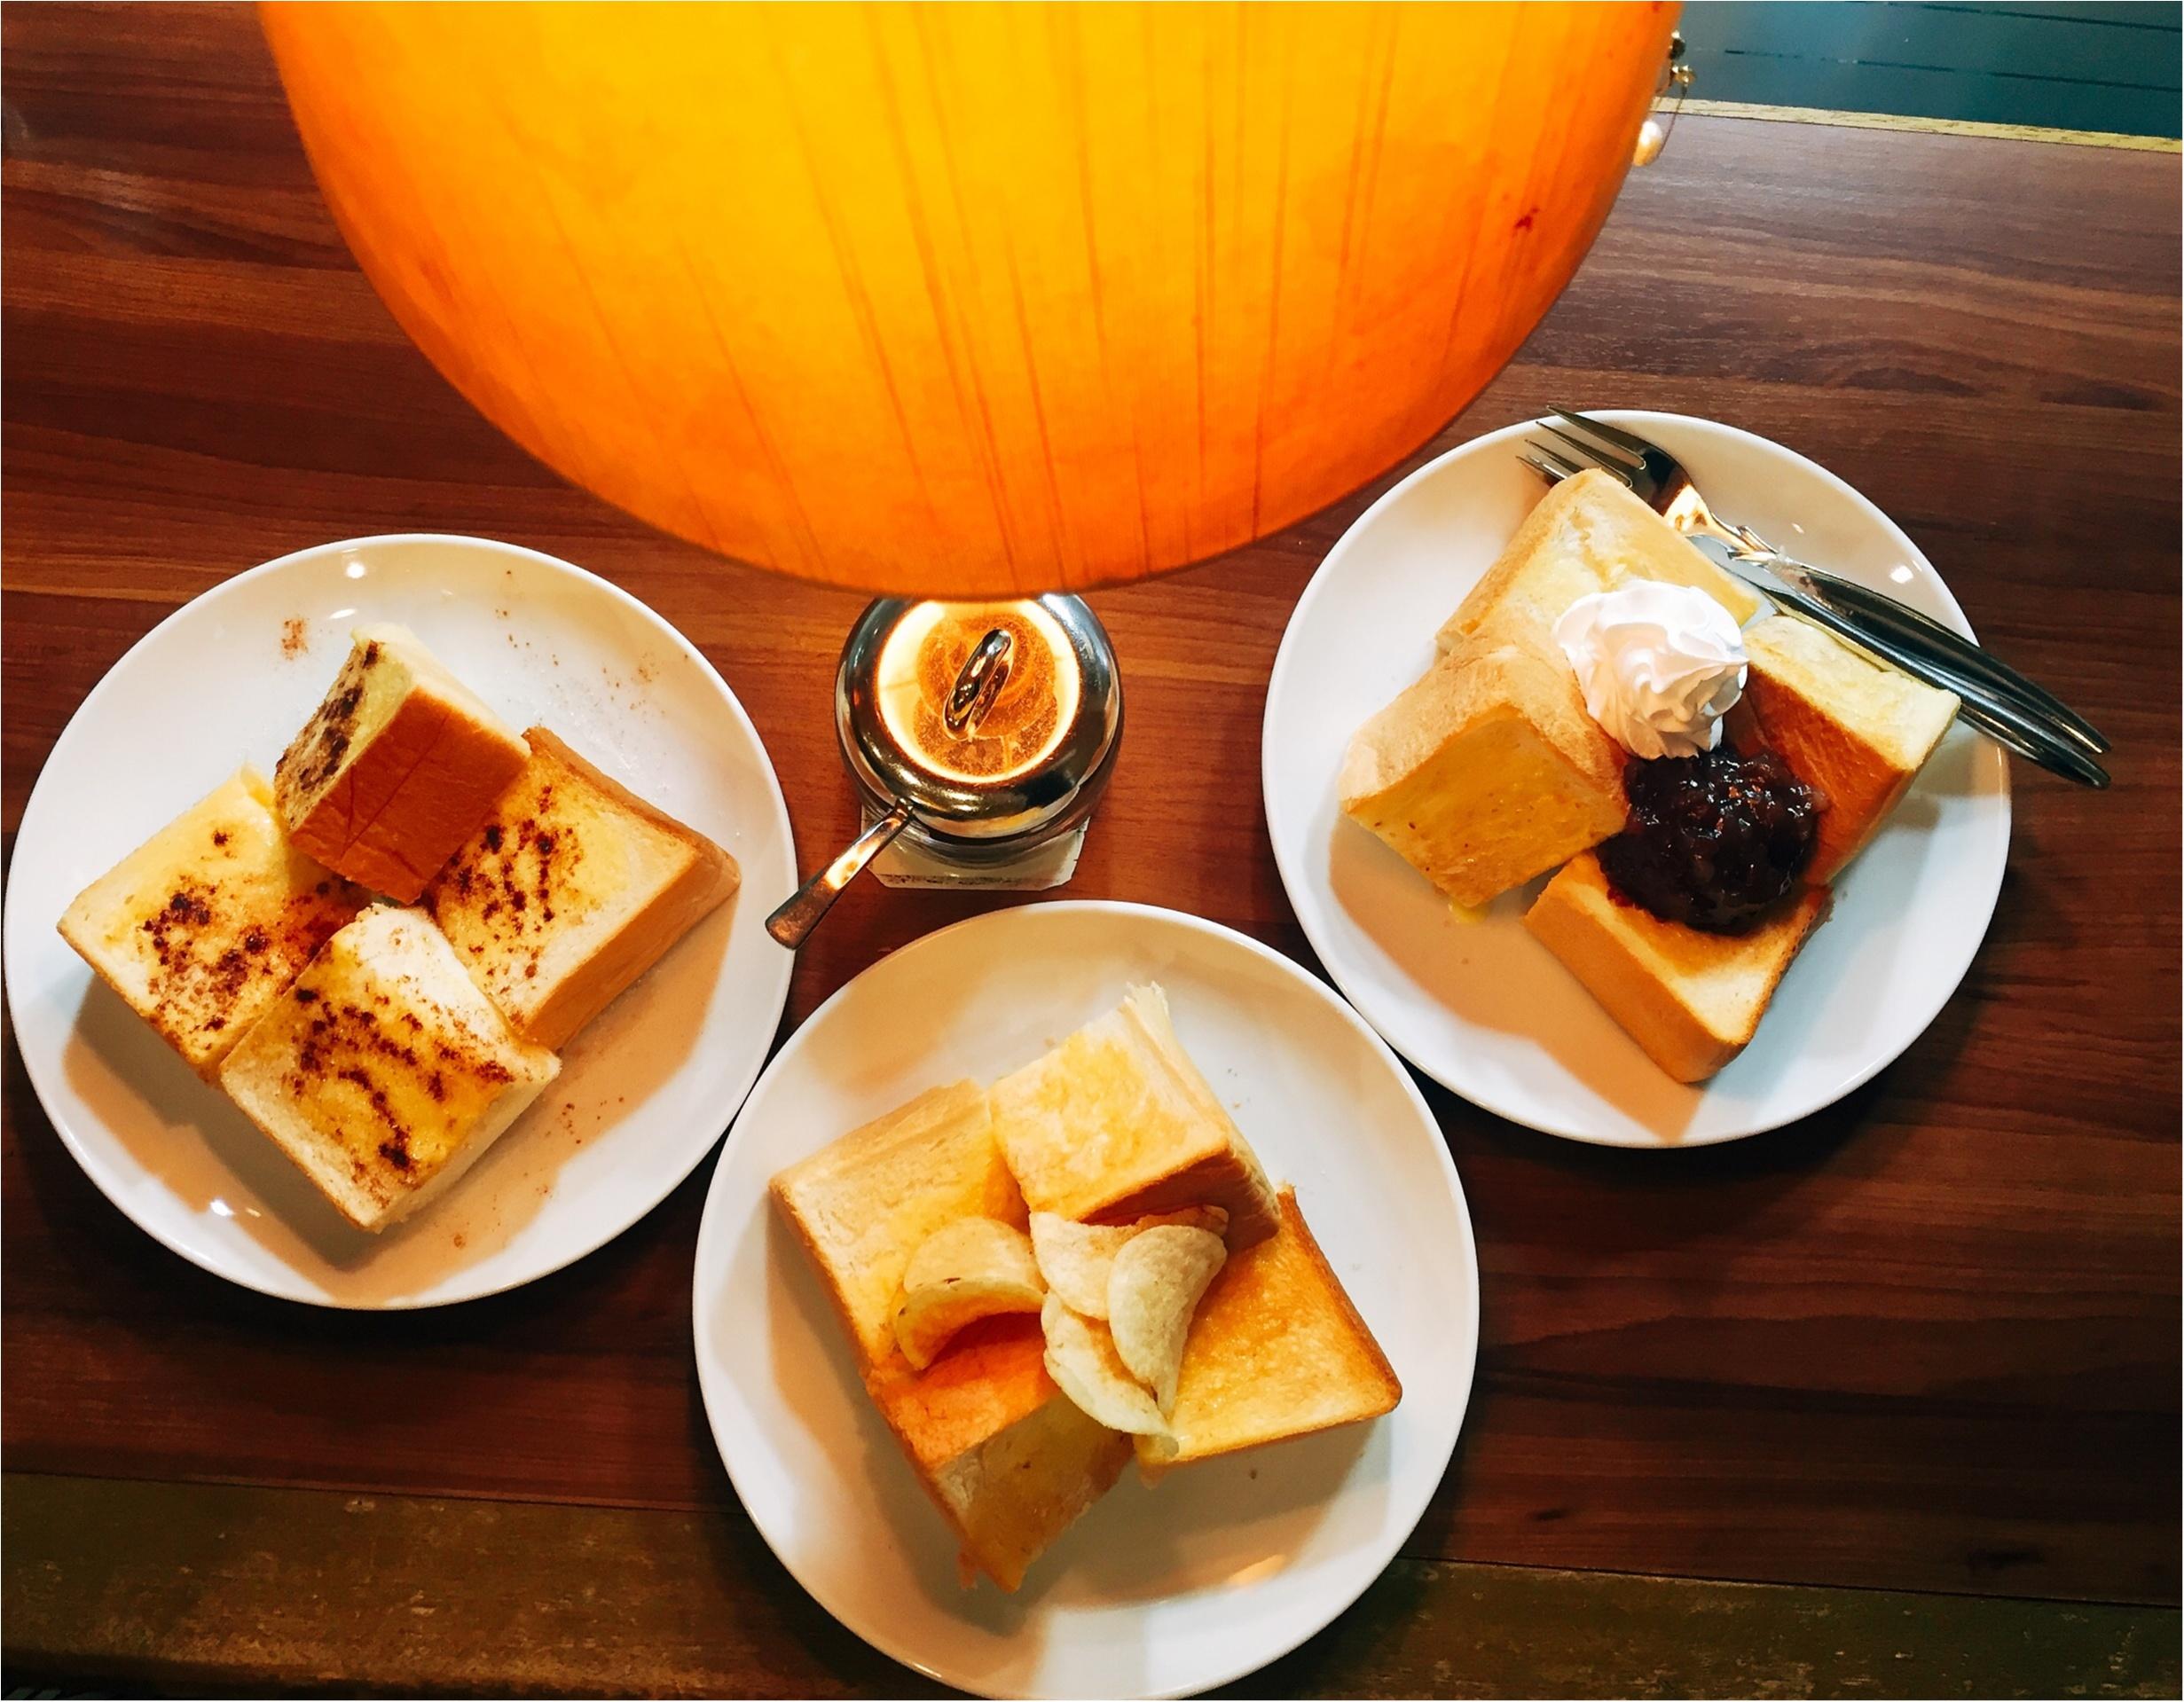 【名古屋グルメ】喫茶店「アバンテ」のトースト♡名駅内でサクッと軽食に◎_2